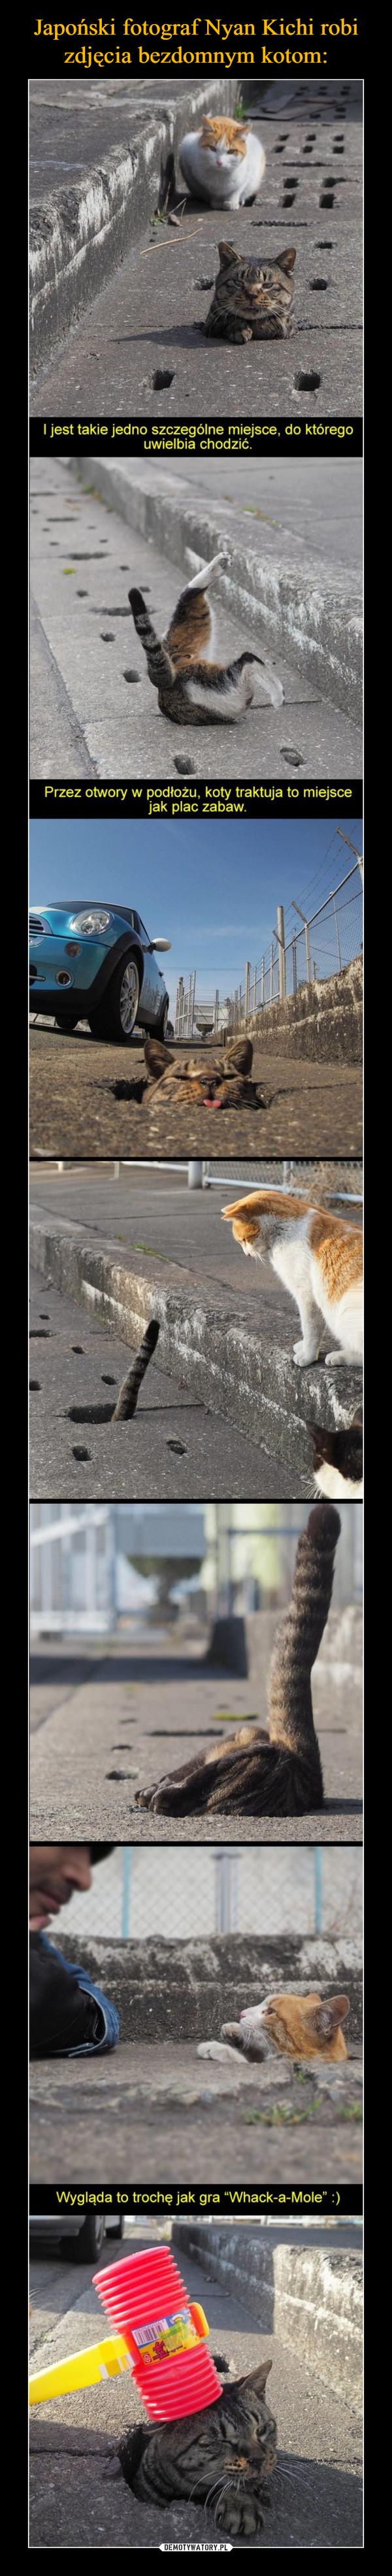 –  I jest takie Jedno szczególne miejsce, do którego uwielbia chodzićPrzez otwory w podłożu, koty traktują to miejsce jako plac zabaw